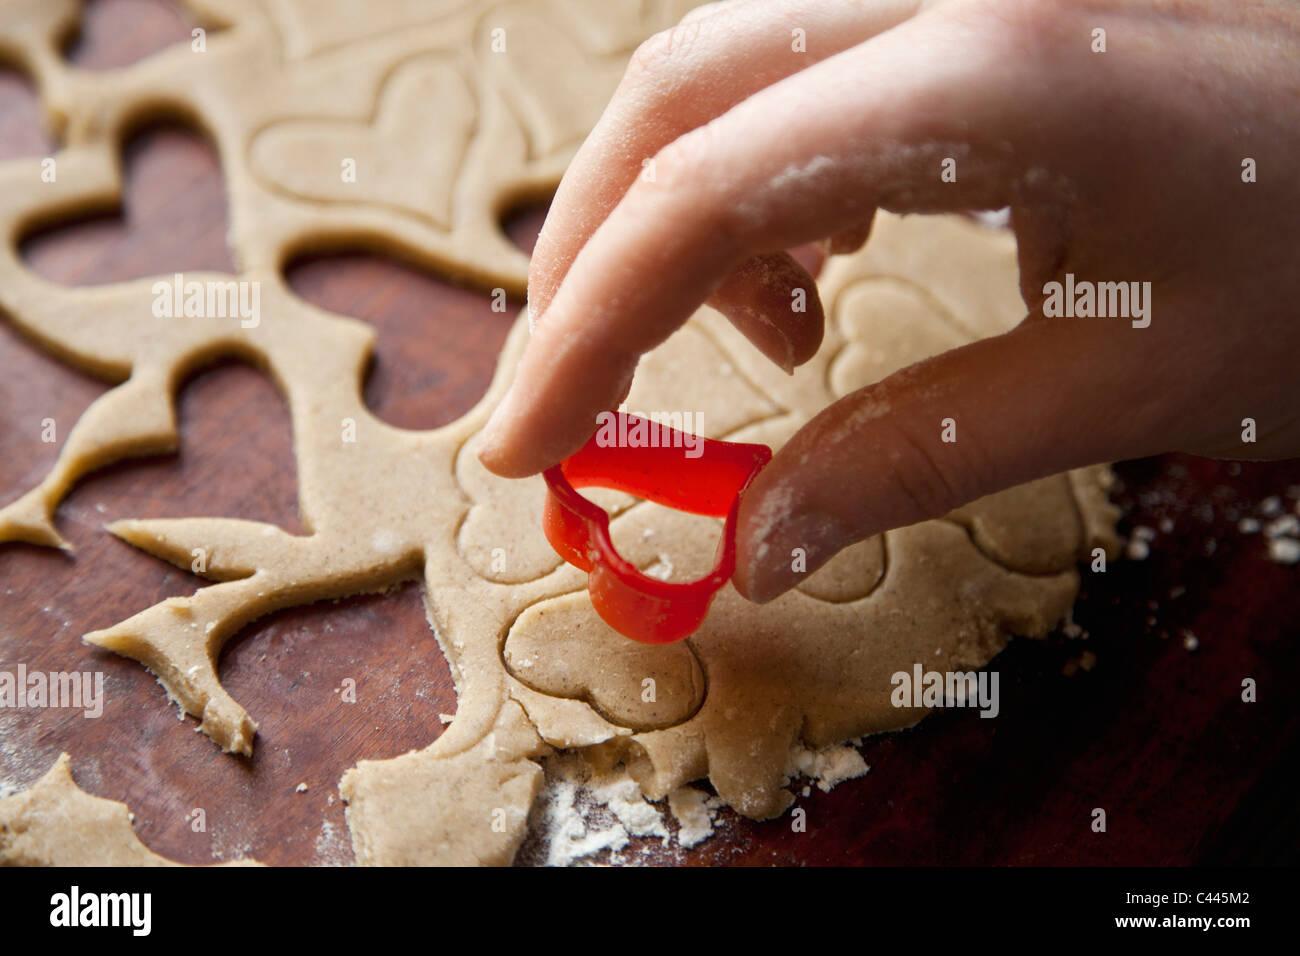 Détail d'un côté à l'aide d'un emporte-pièce en forme de coeur Photo Stock